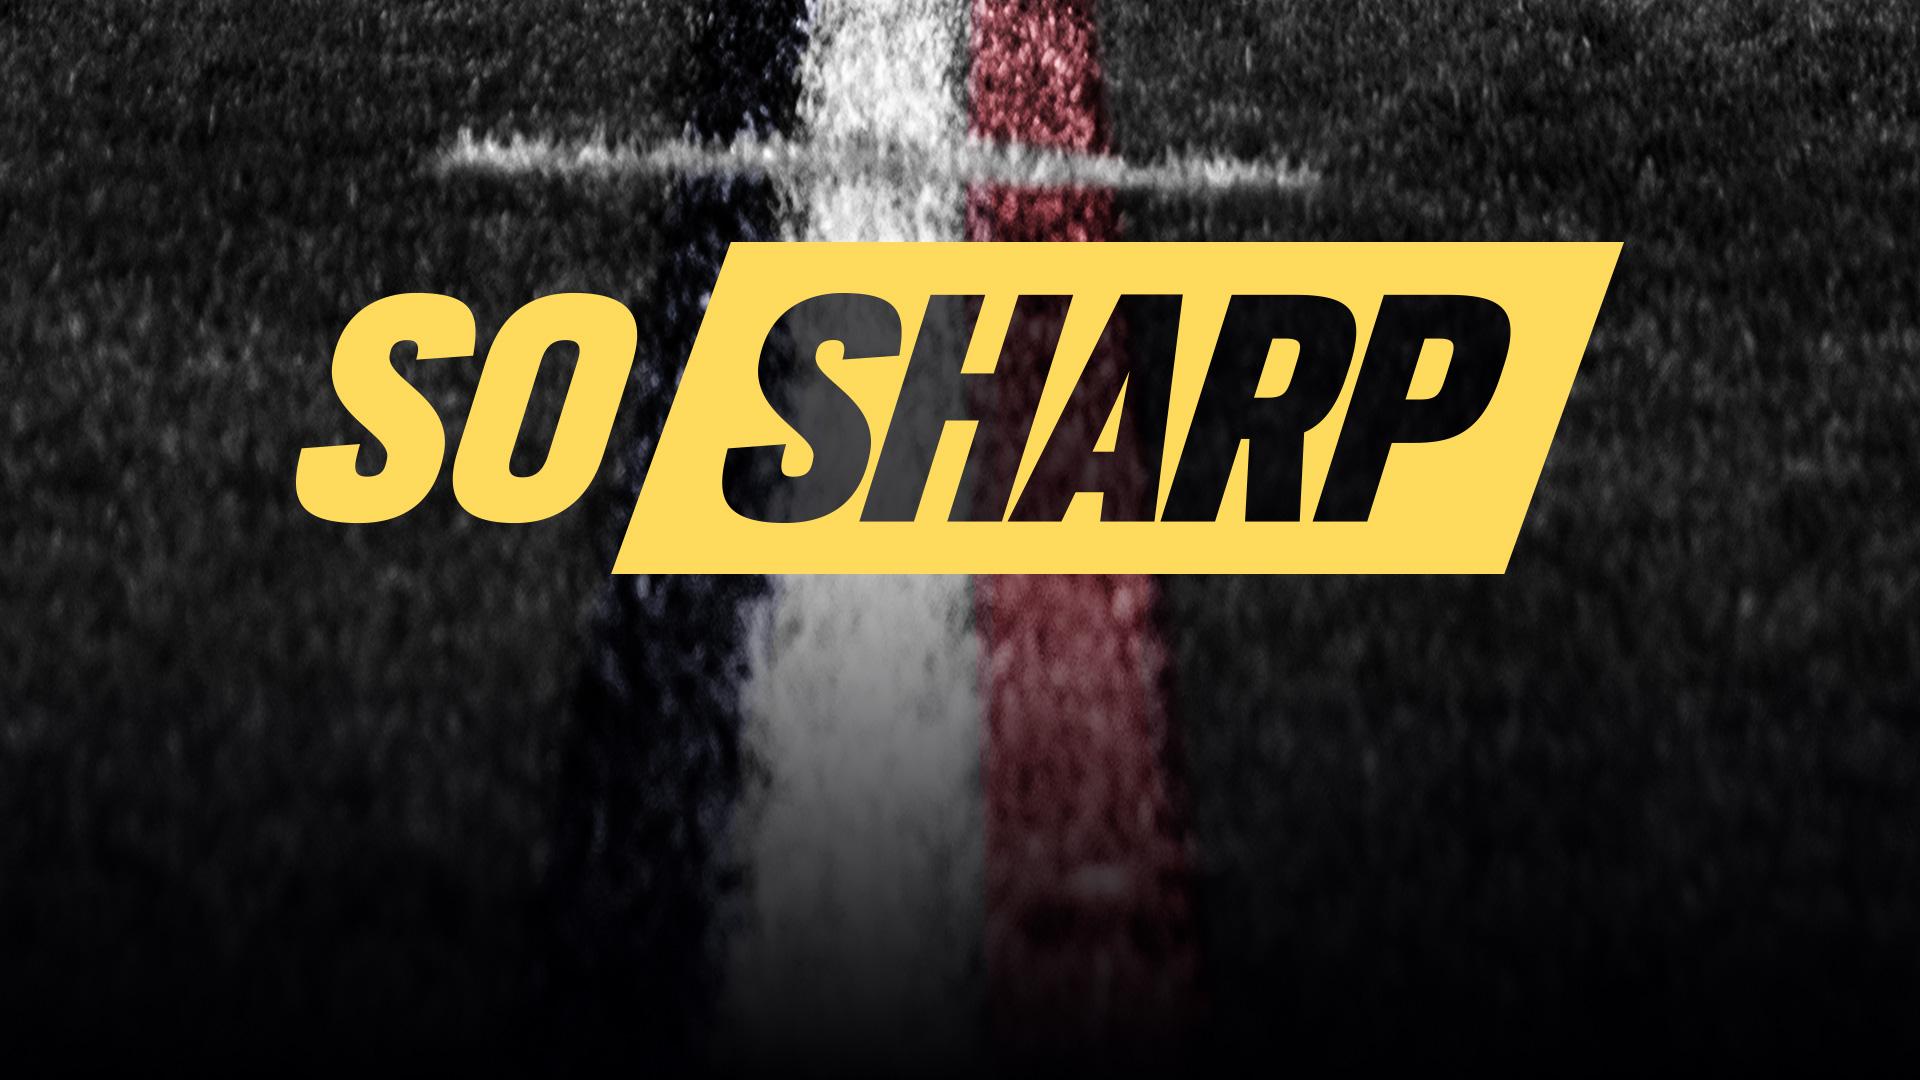 So Sharp Full Episodes, Video & More | Lifetime